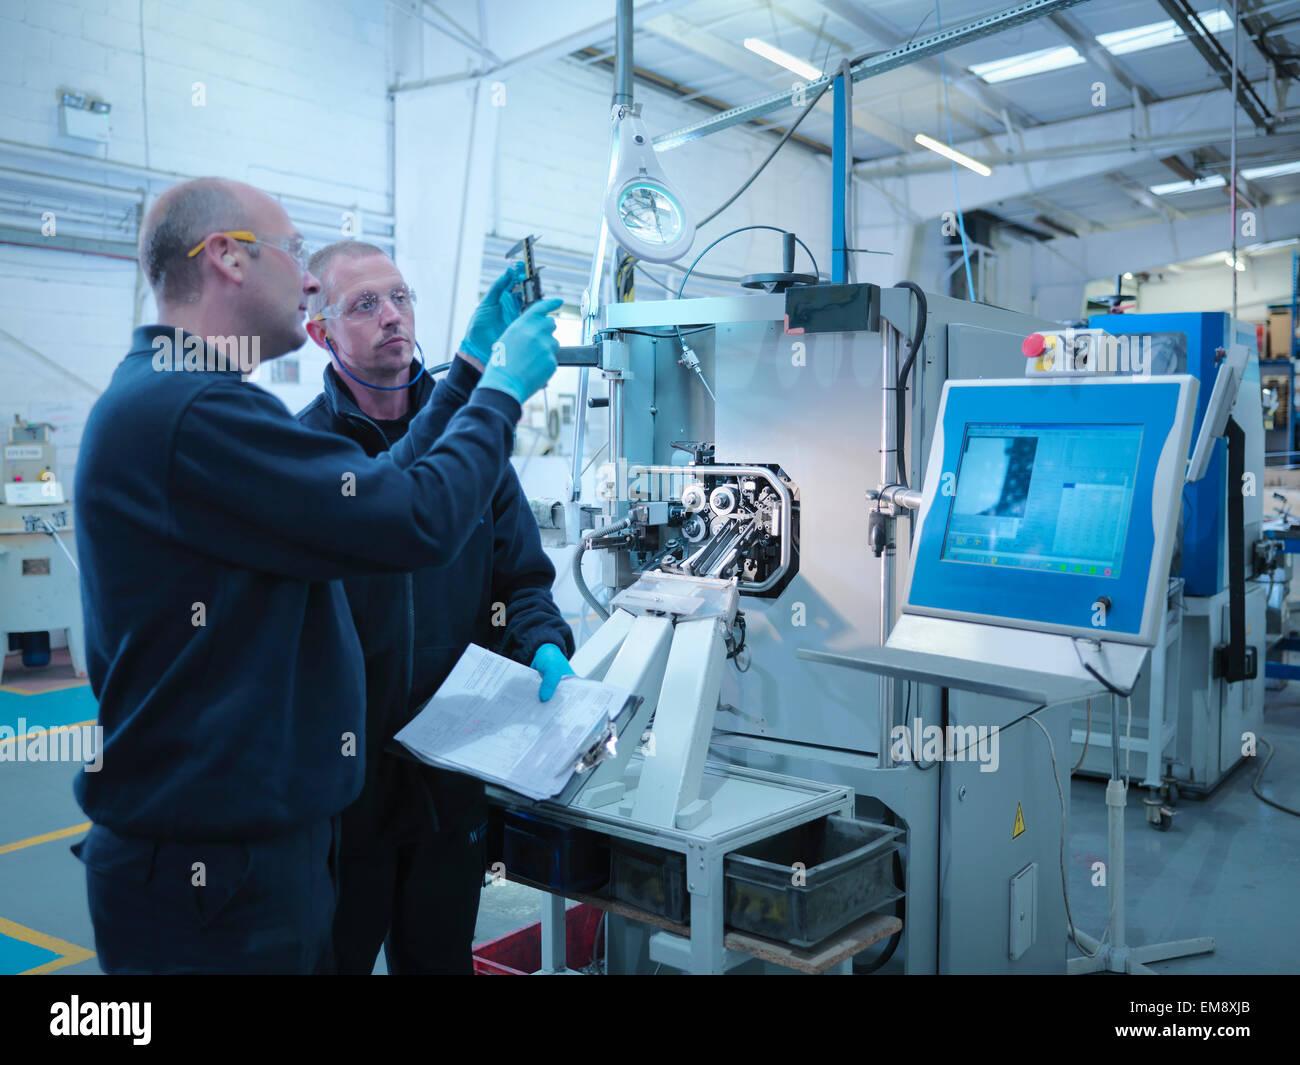 Fabrication des pièces automobiles d'ingénieurs Photo Stock